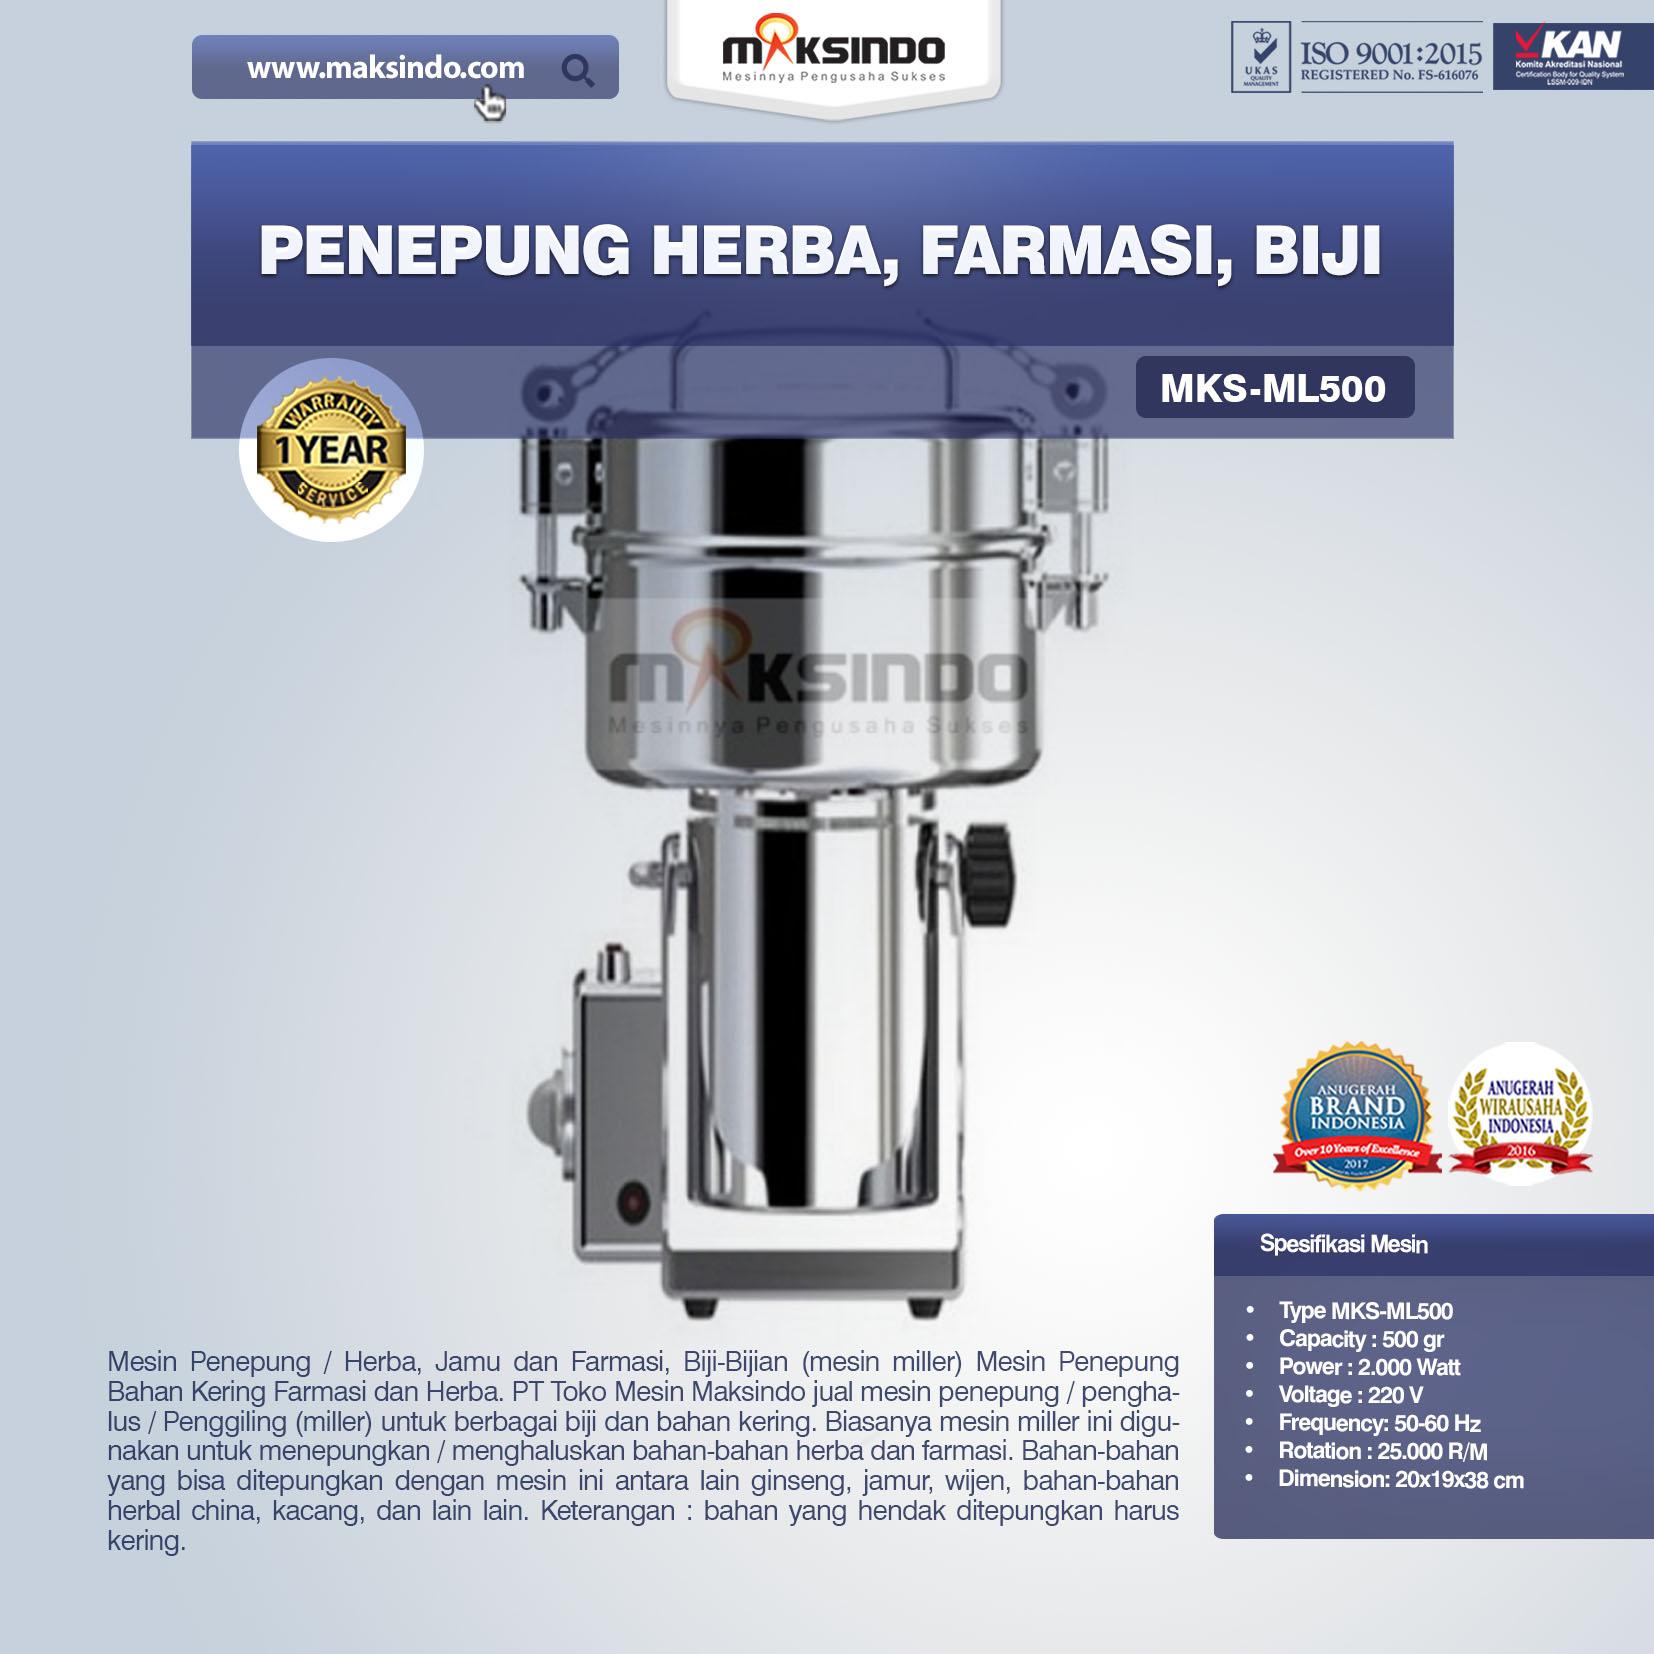 Jual Penepung Herba, Farmasi, Biji (ML500) di Medan